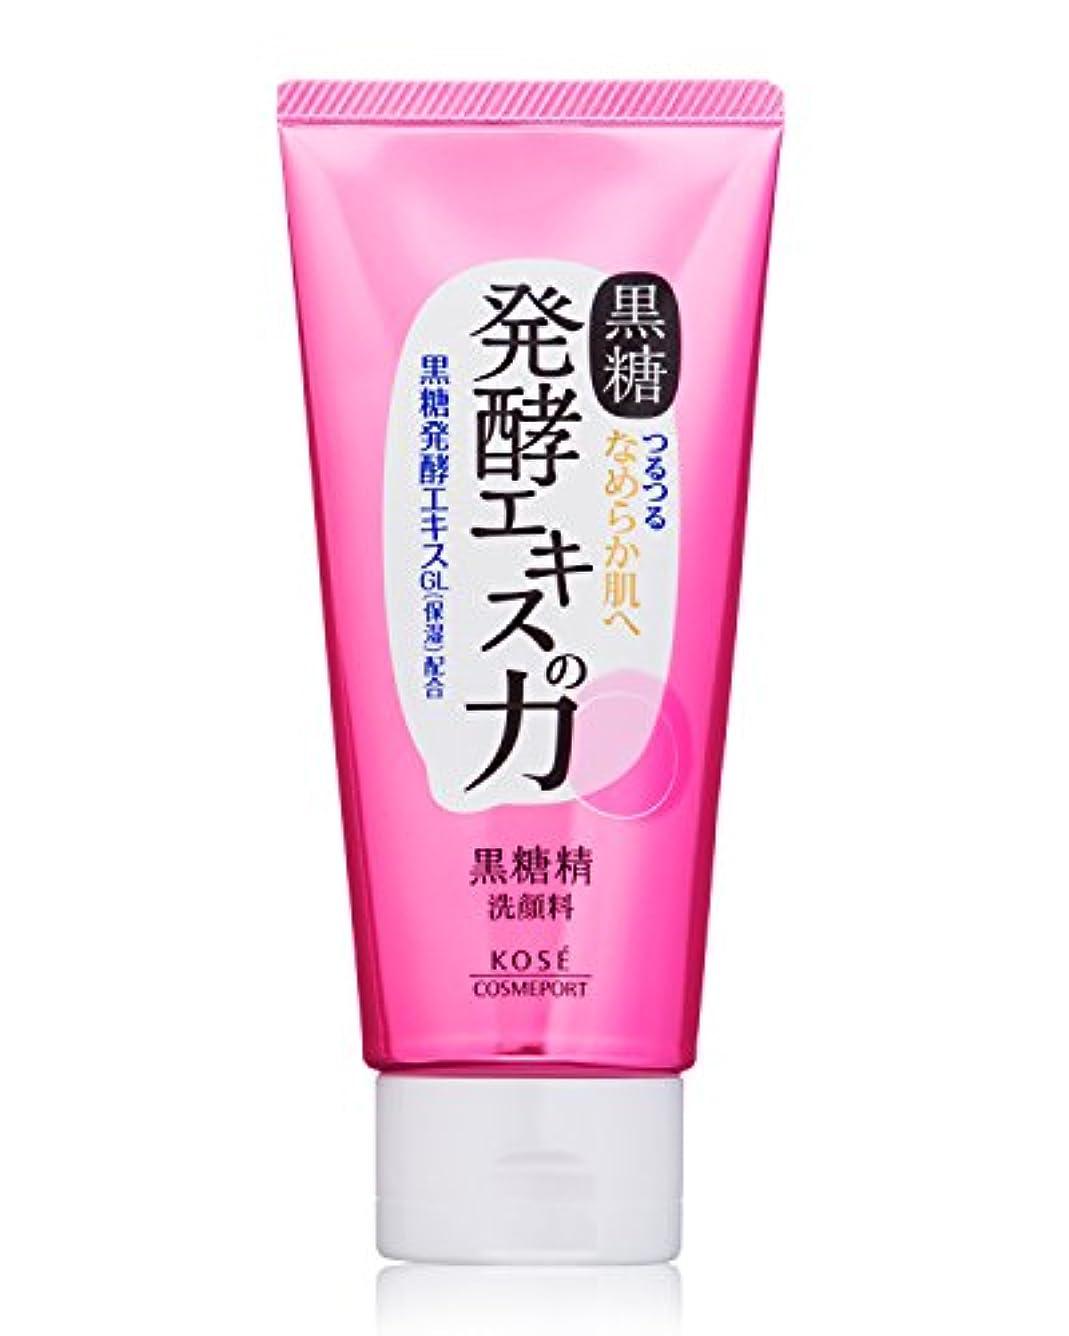 酸化物ラボボードKOSE コーセー 黒糖精 毛穴すっきり 黒洗顔 130g